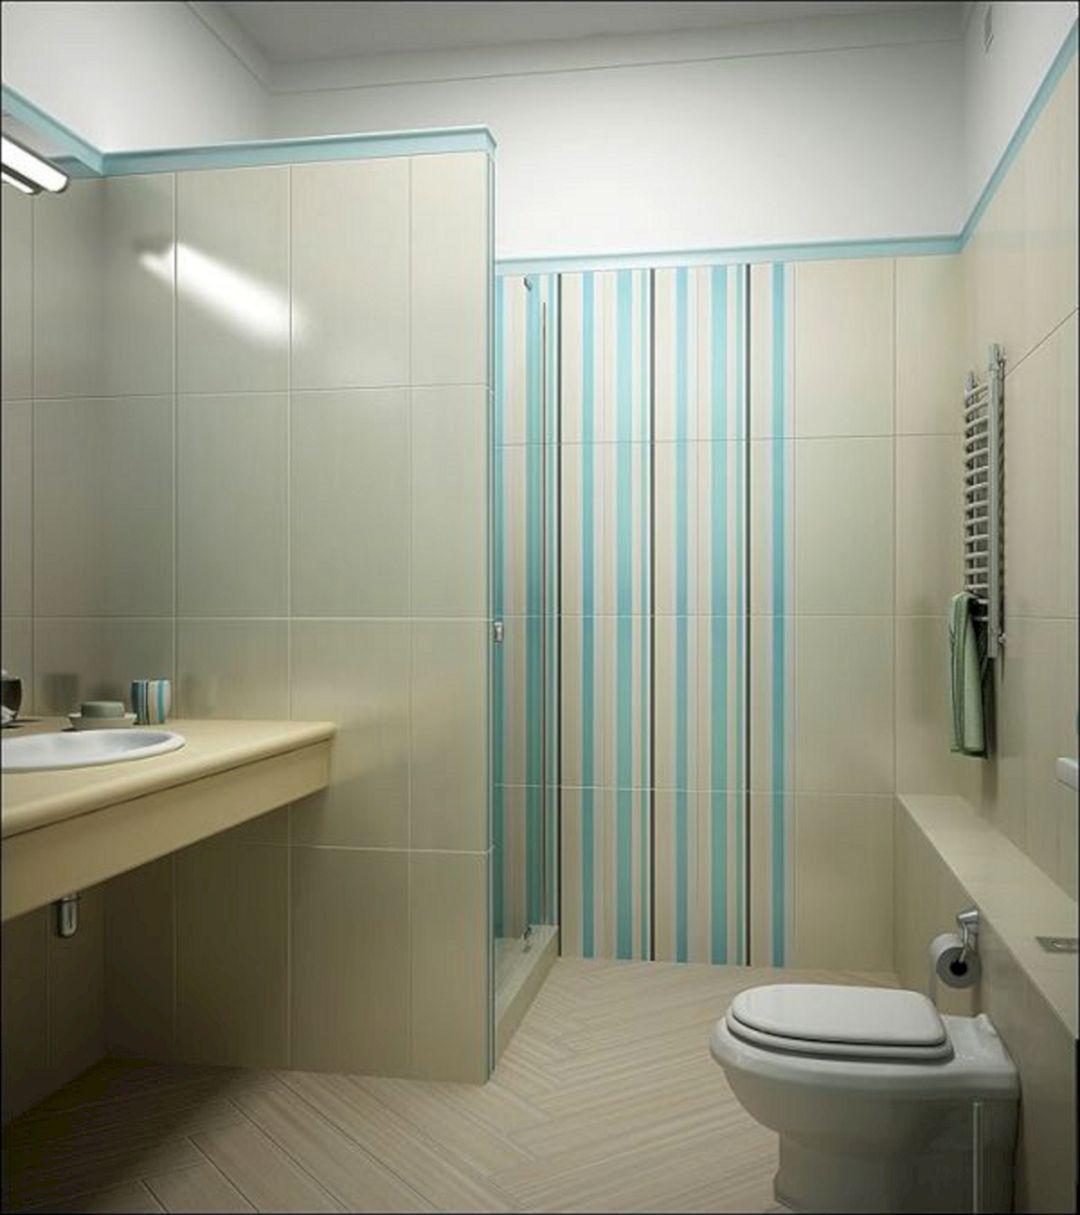 Small bathroom shower design idea small bathroom shower design idea design ideas and photos - Exclusive design for small bathroom with shower ...